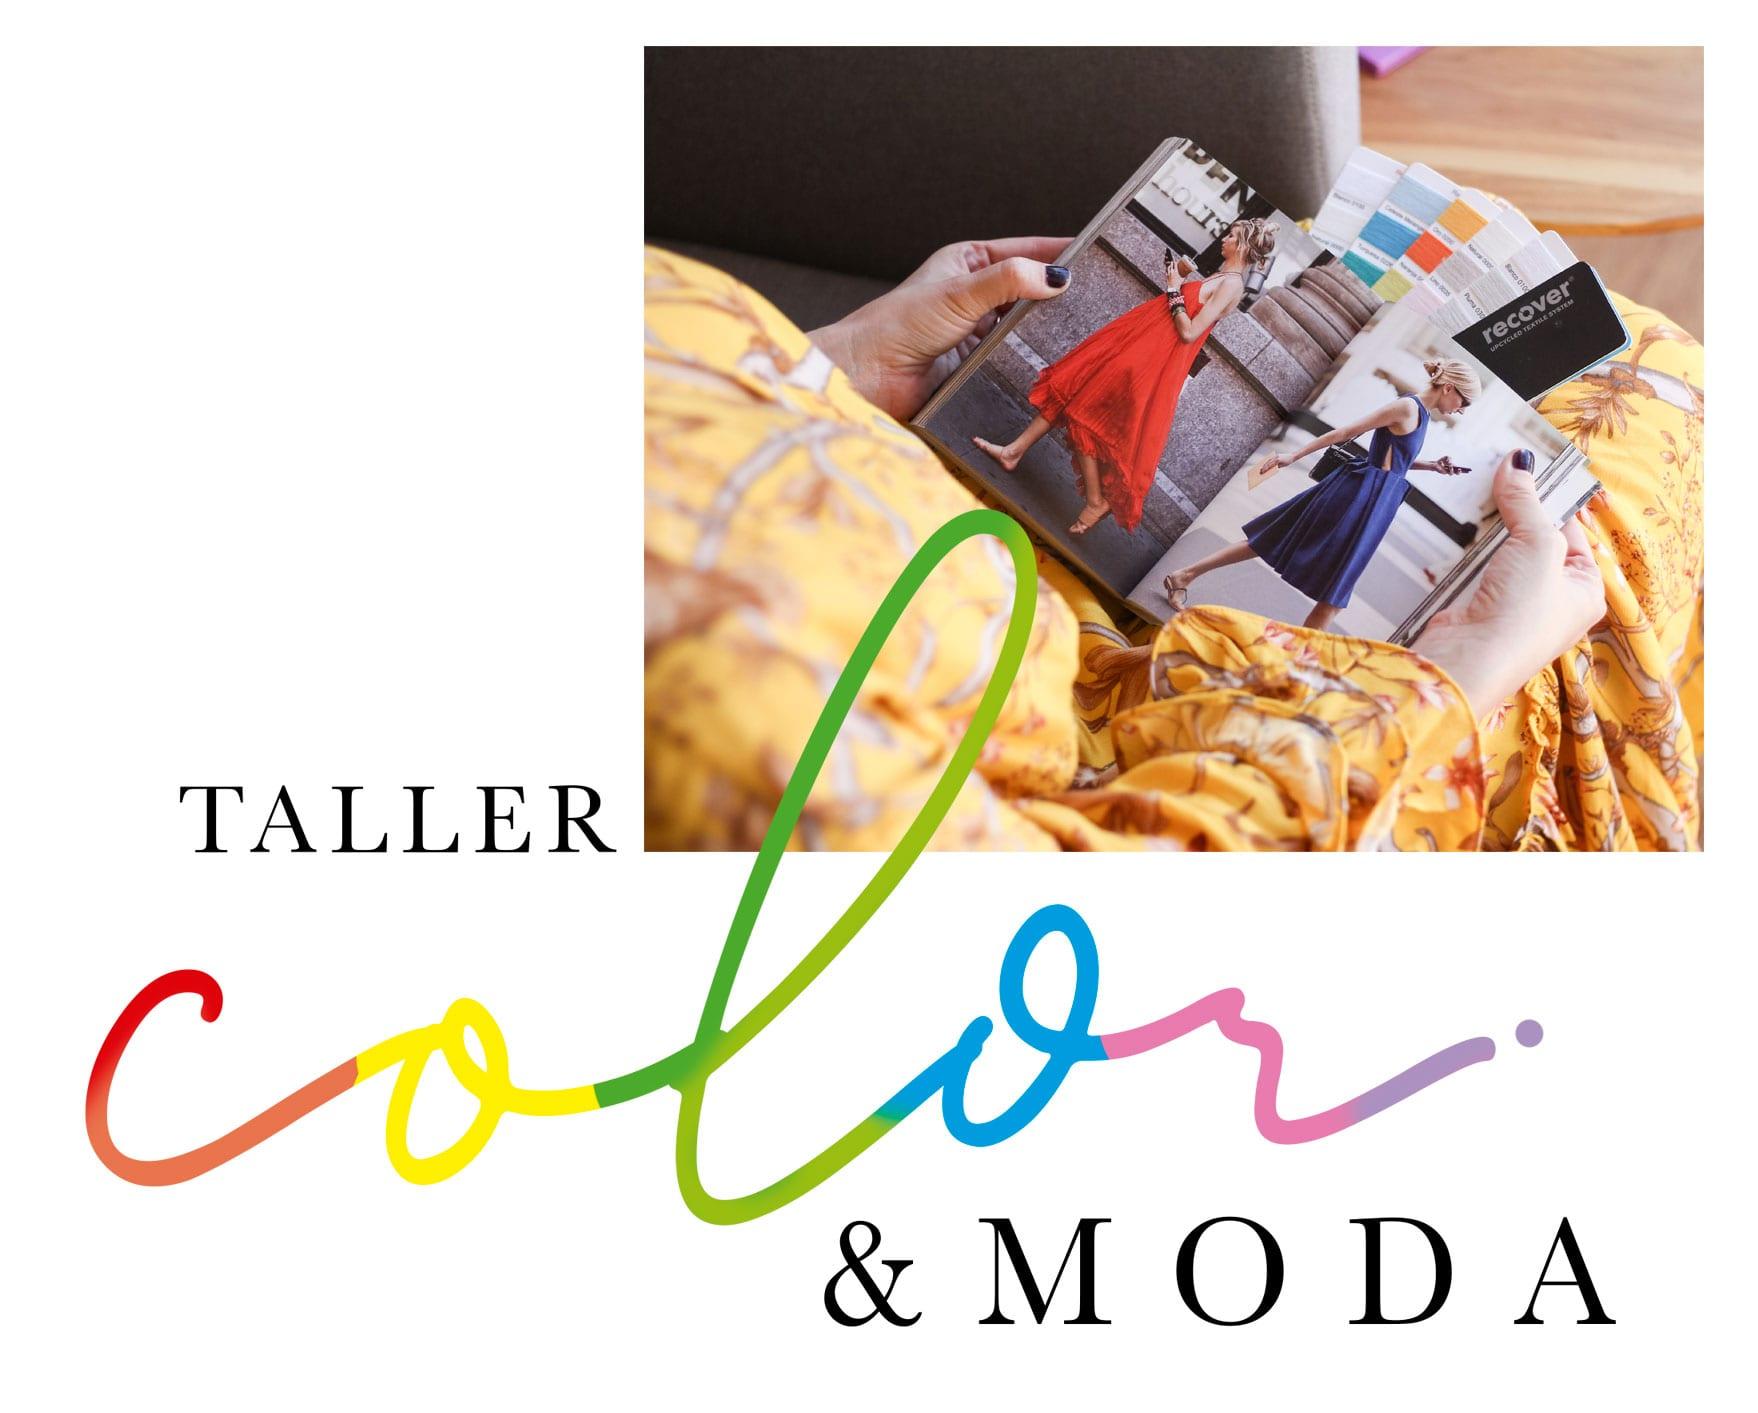 TALLER COLOR Y MODA